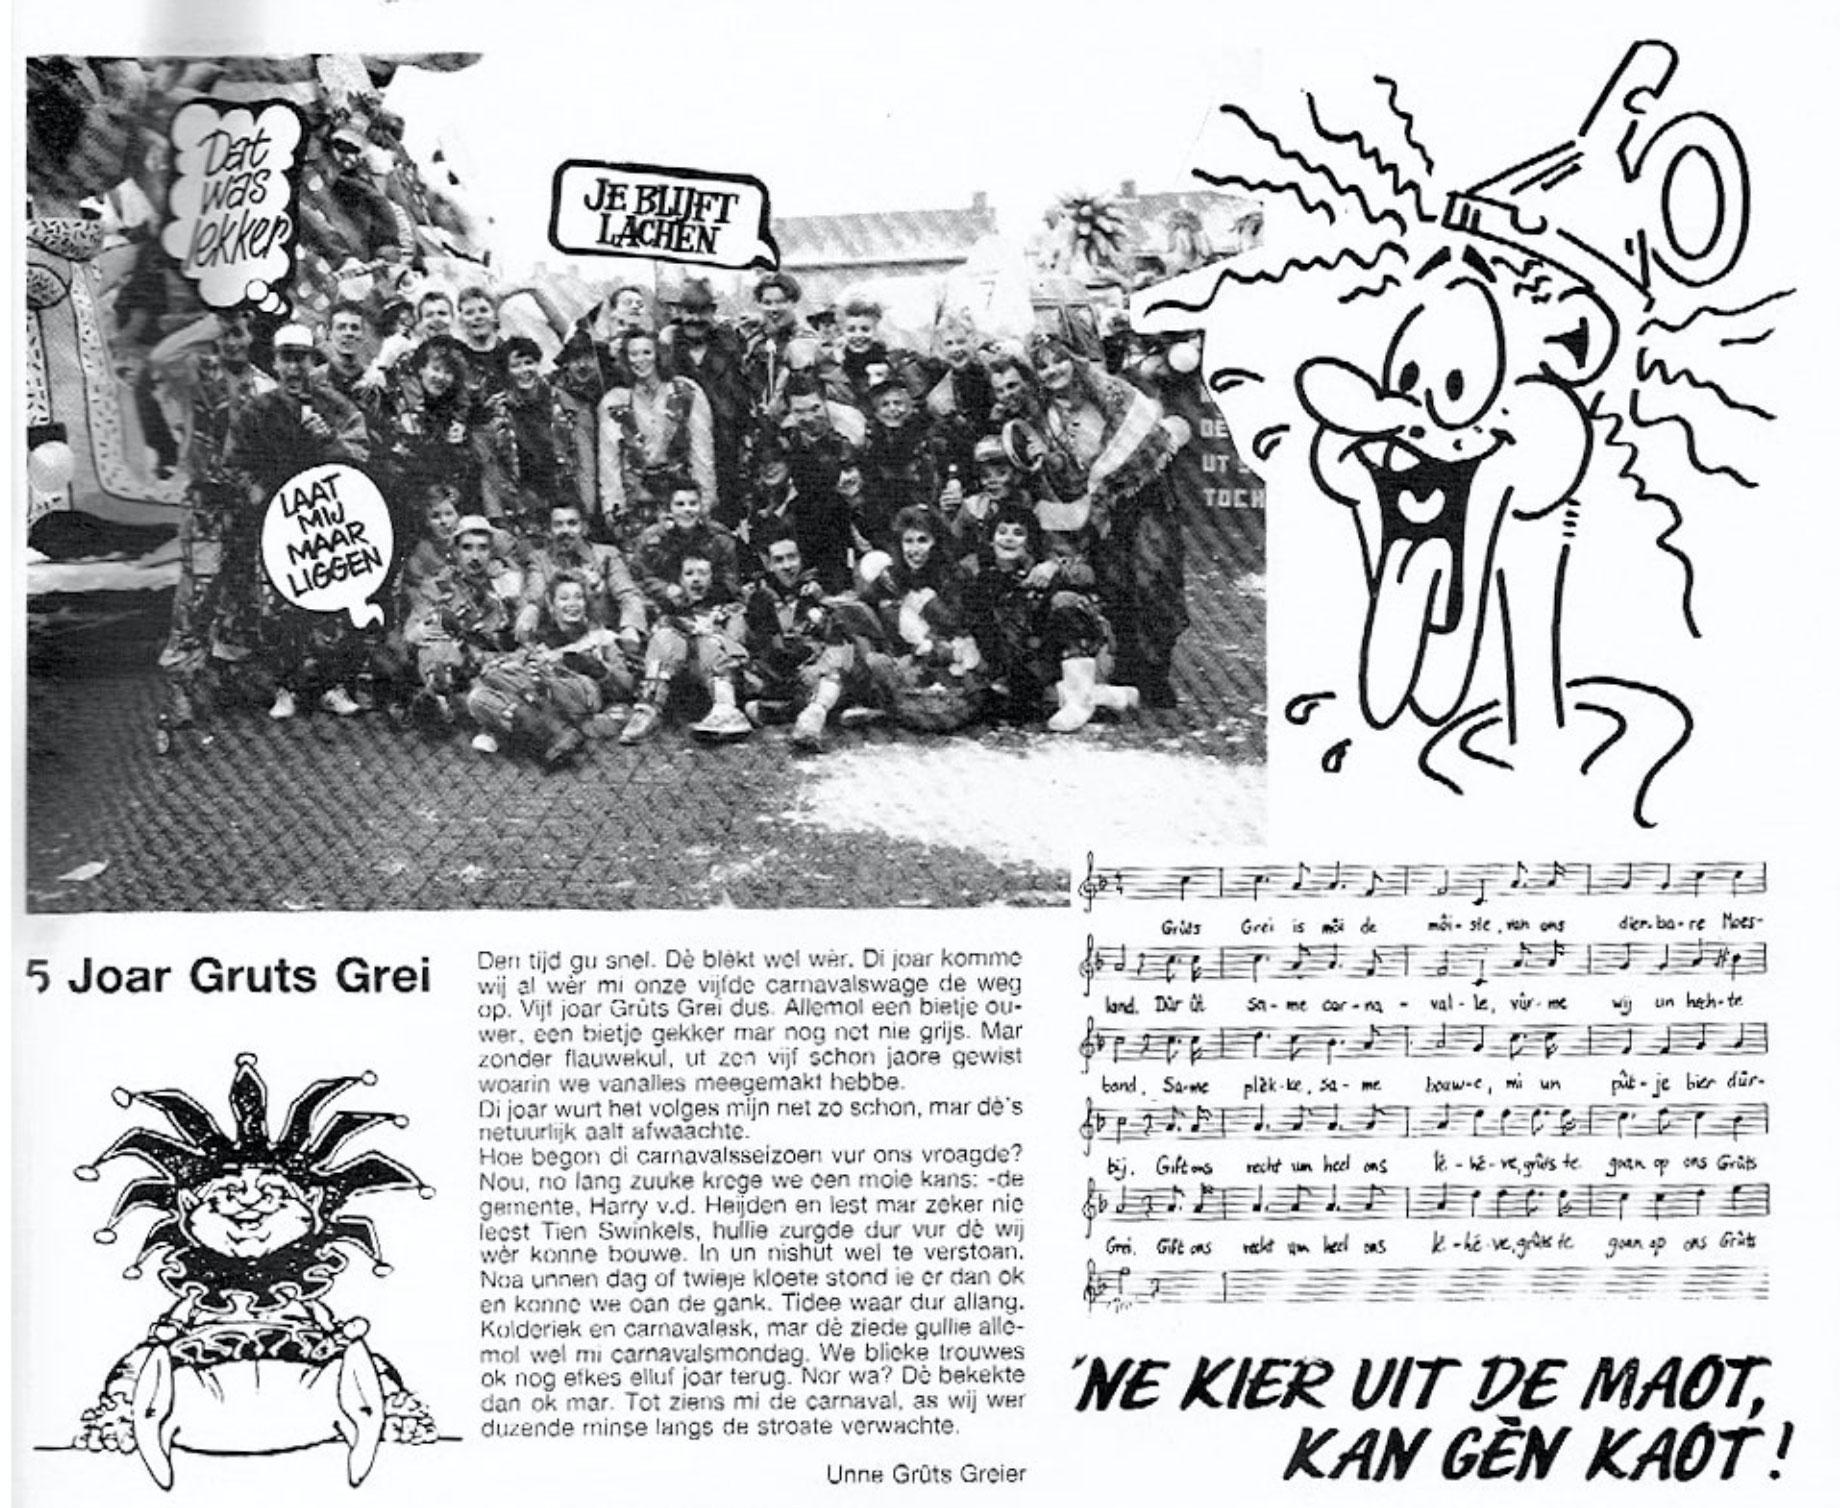 Stukje uit de carnavalskrant van Gruts Grei - 1992